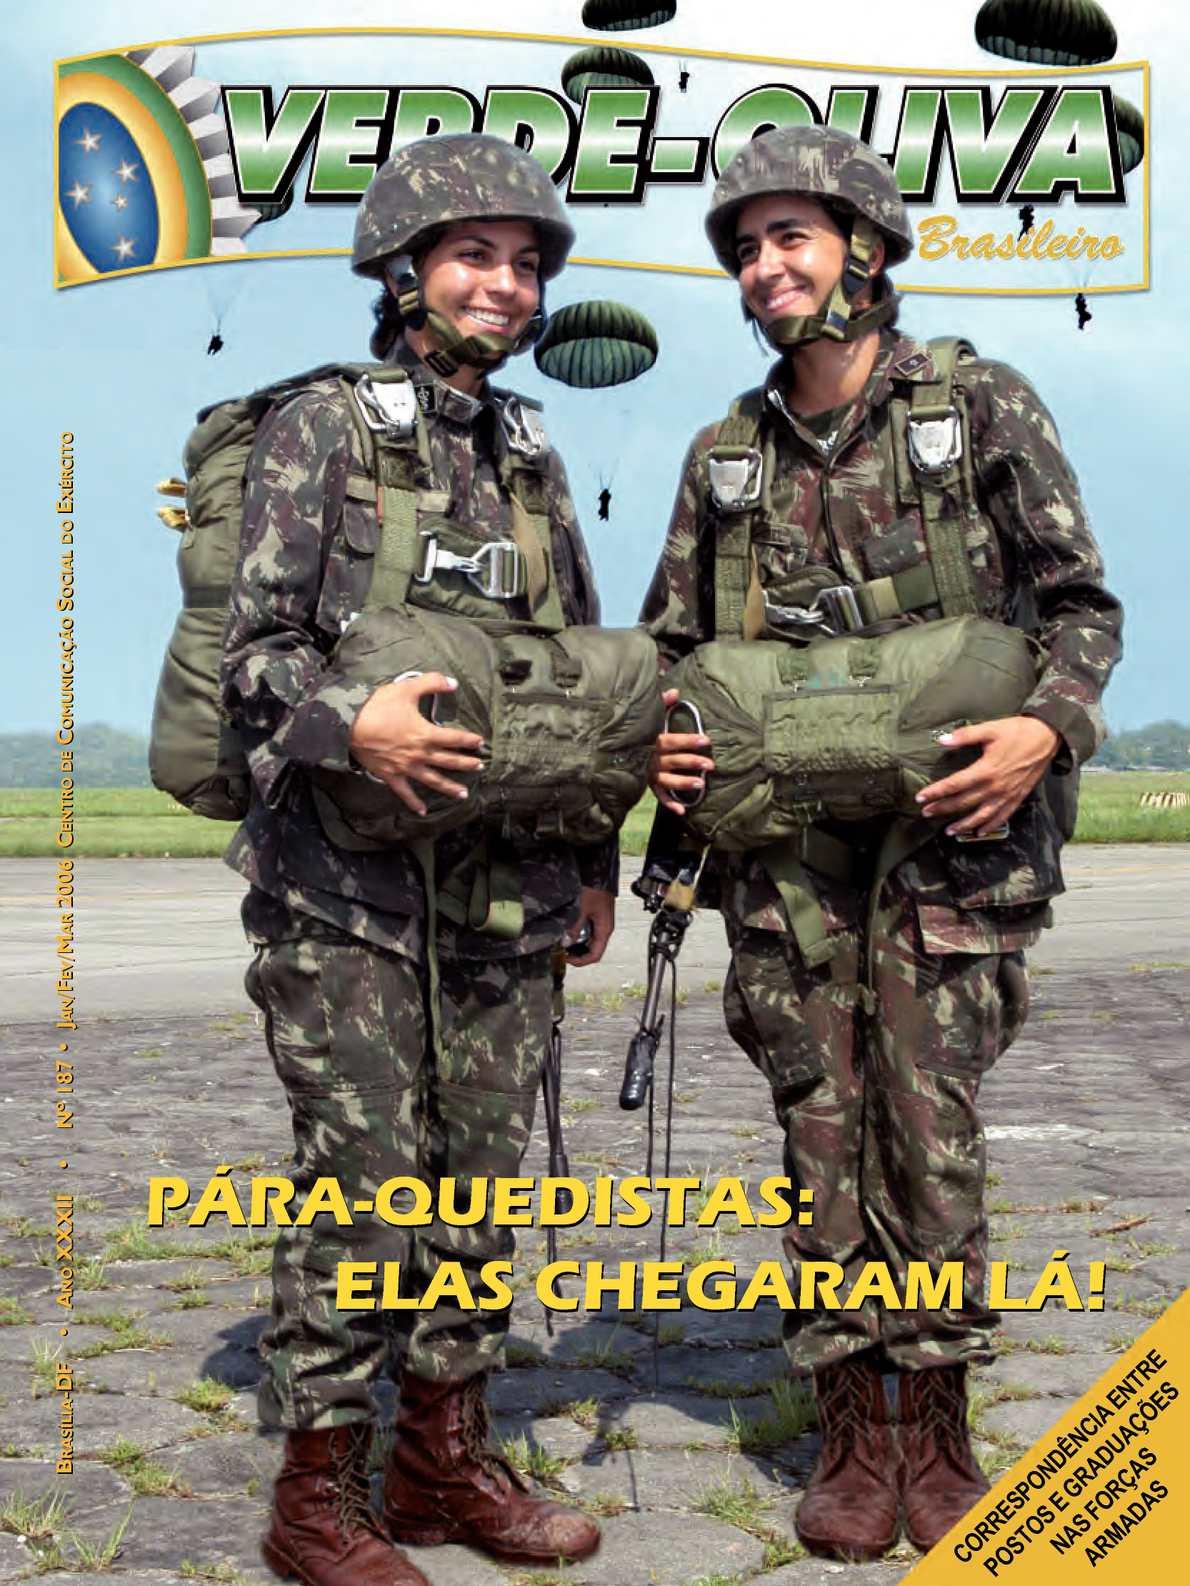 Calaméo - Revista Verde-Oliva Nº 187 a88e3140045